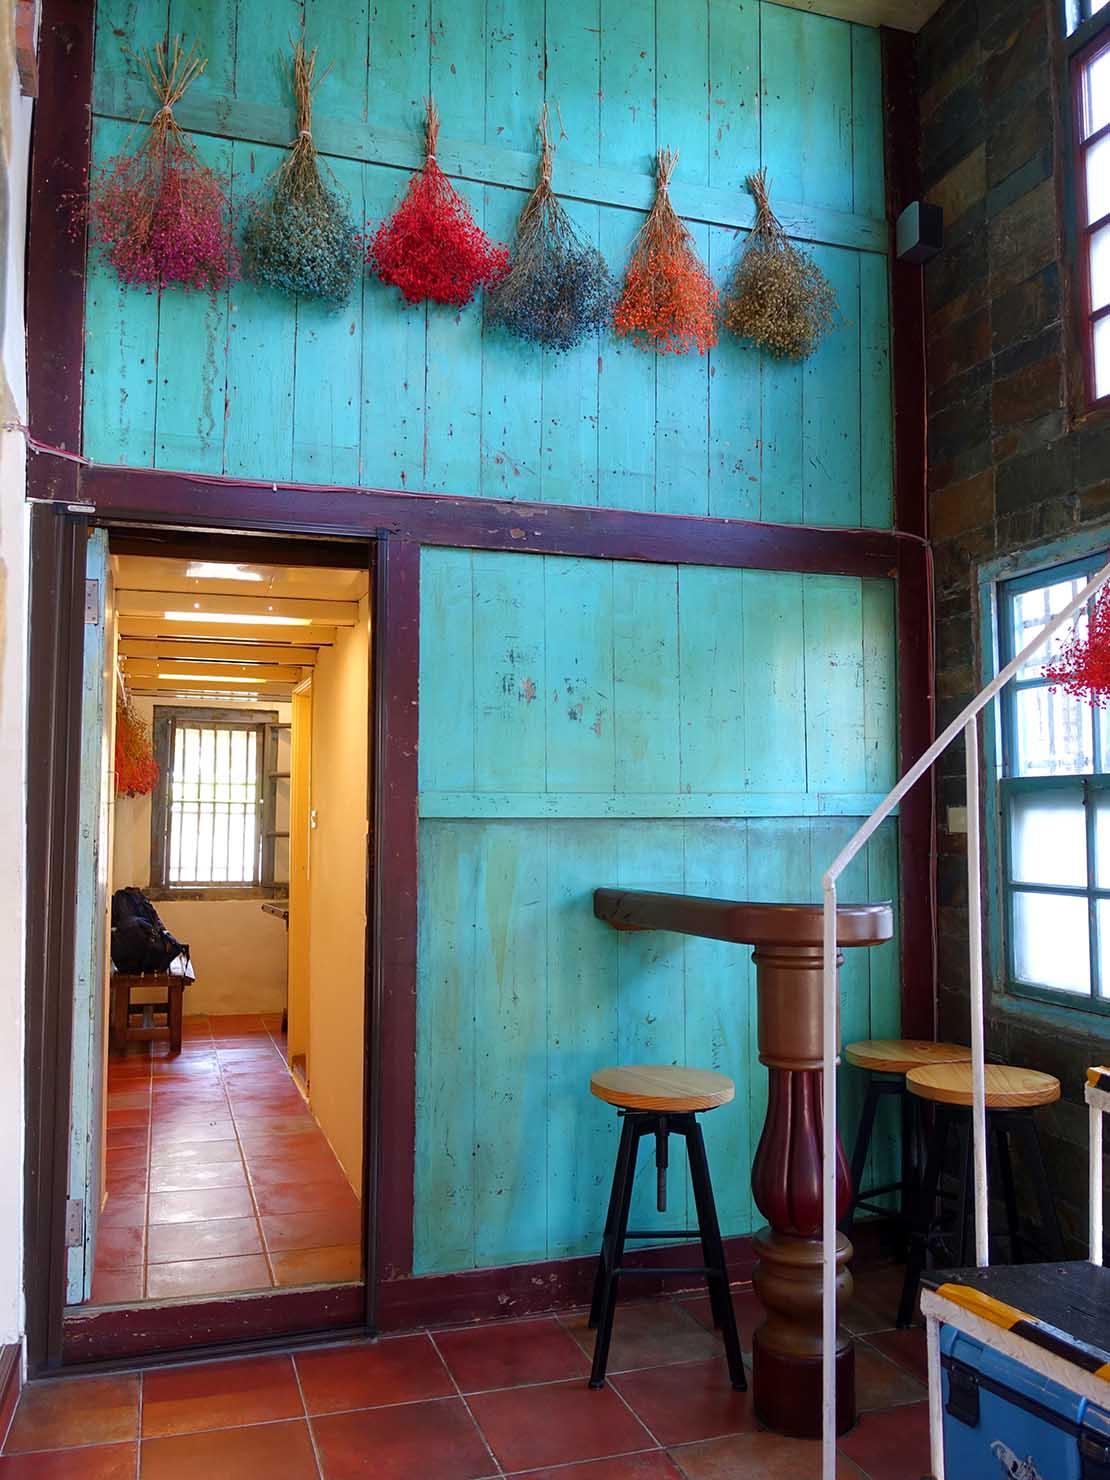 台北・九份の古民家カフェ「淂藝洋行」の屋内